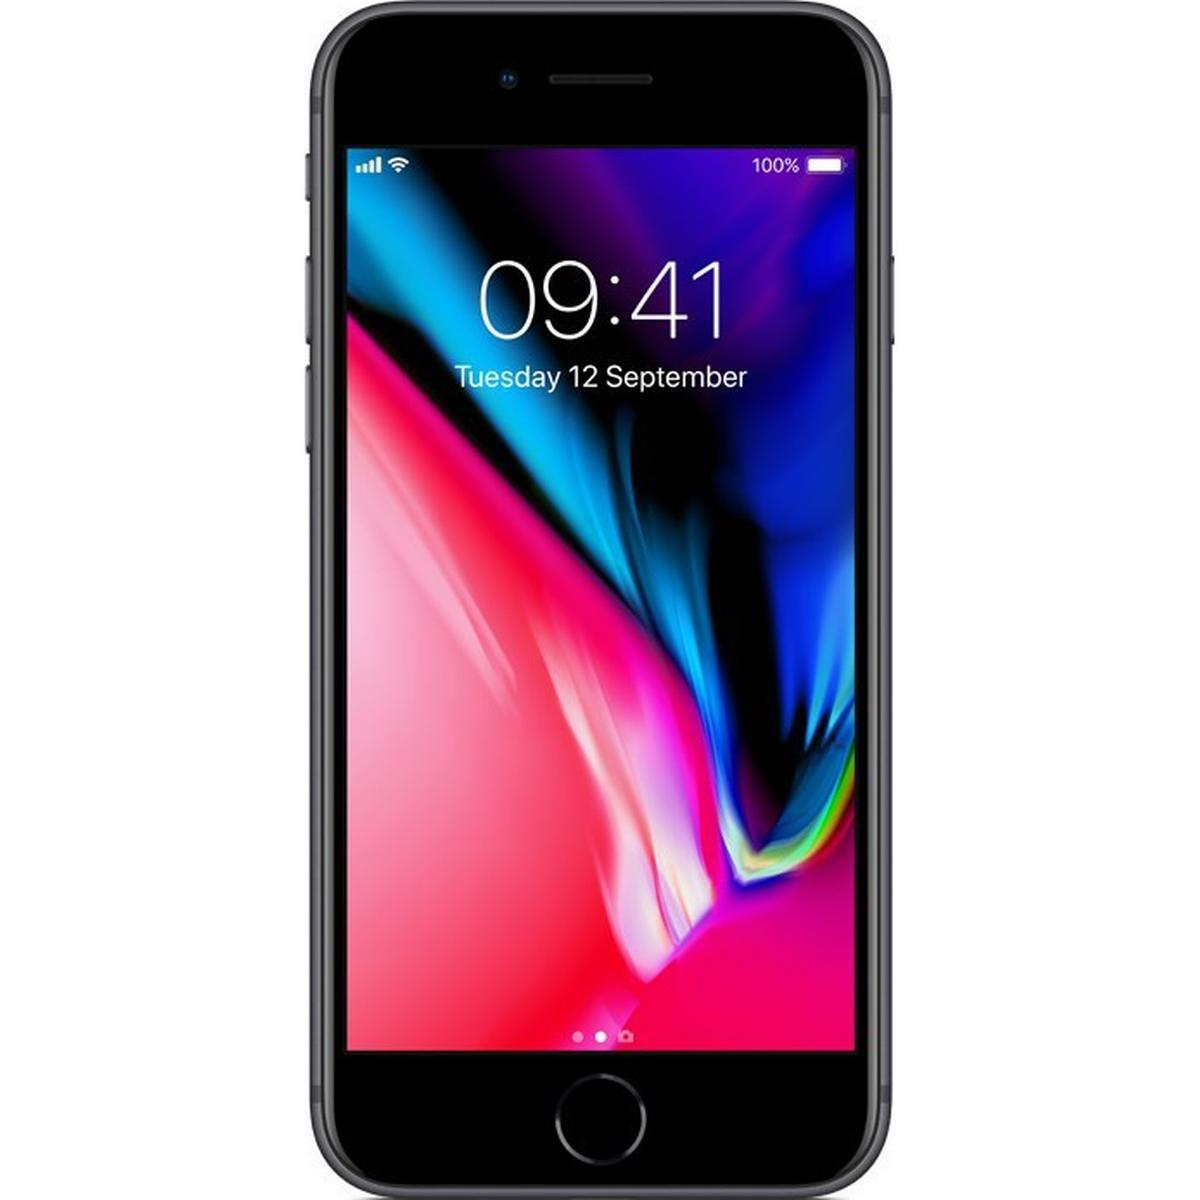 9d8fbdb2 Mobiltelefon - Sammenlign priser på mobiltelefoner hos PriceRunner